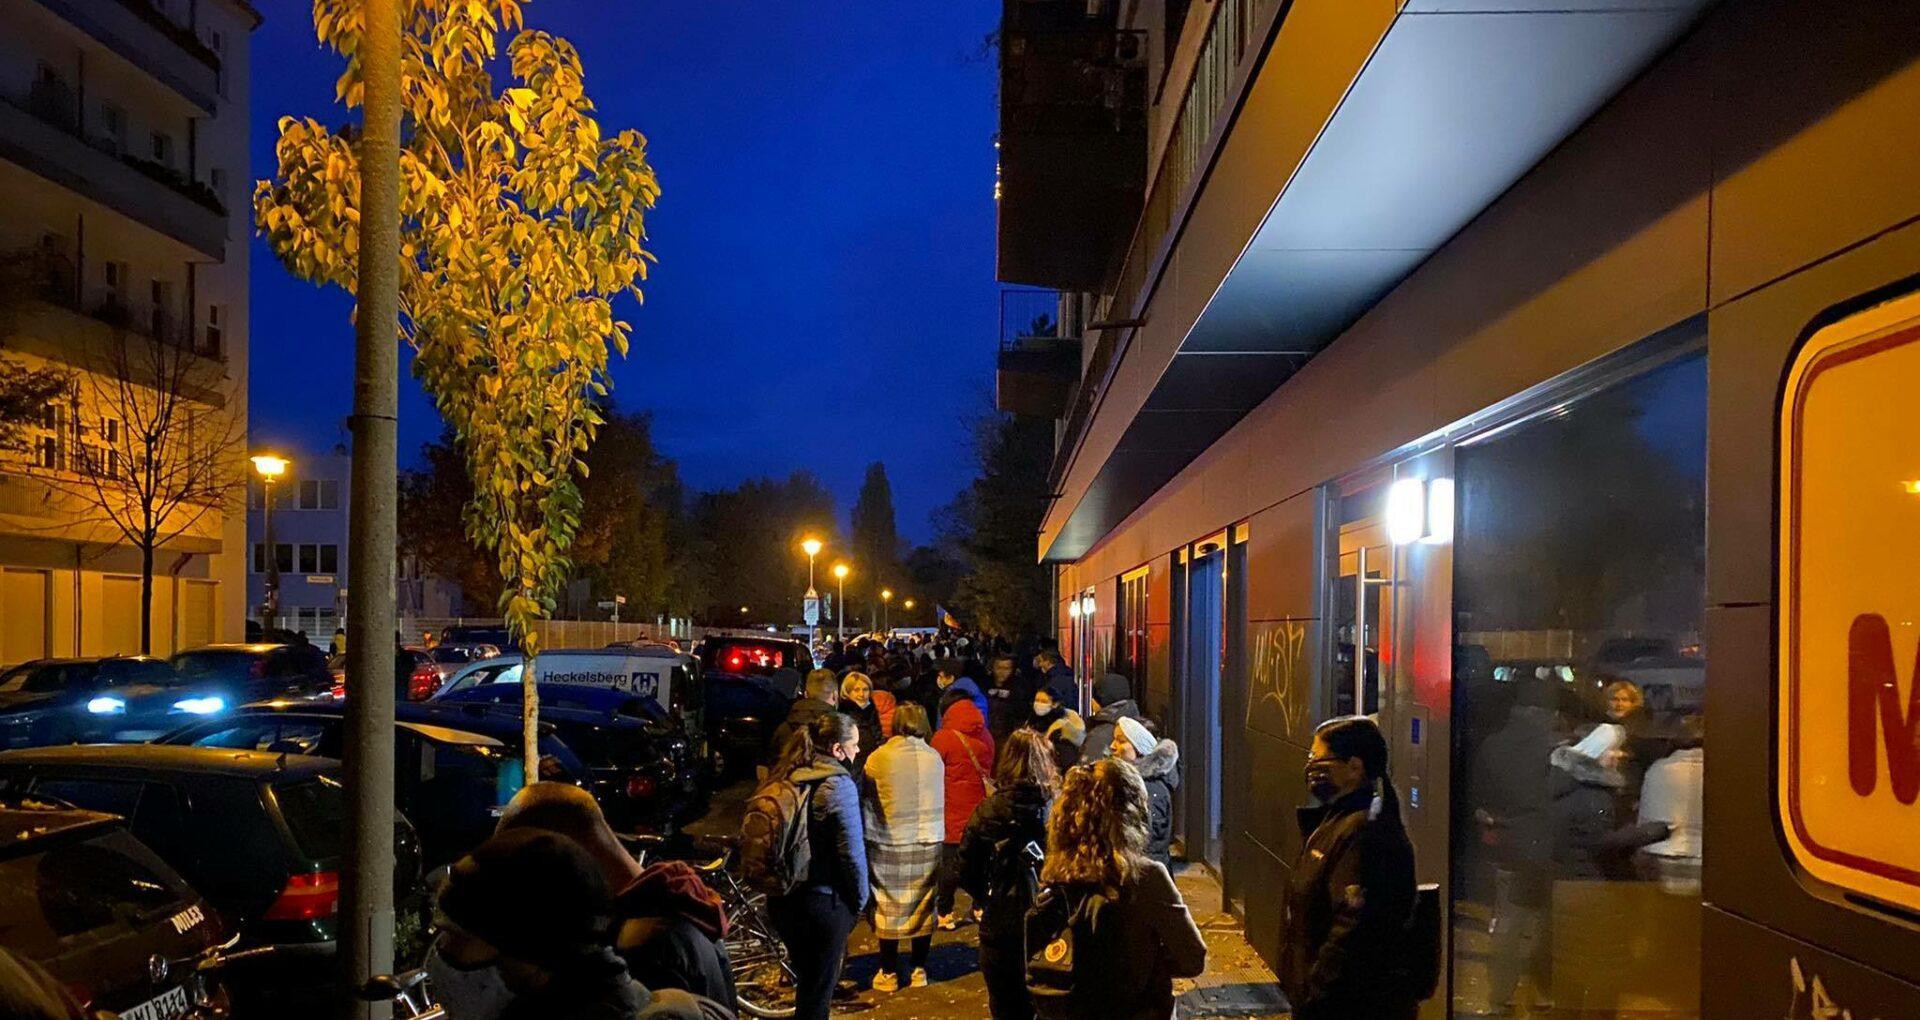 LIVE TEXT: Diaspora a votat: cinci secții de votare s-au închis după epuizarea buletinelor de vot. Rezultatele finale